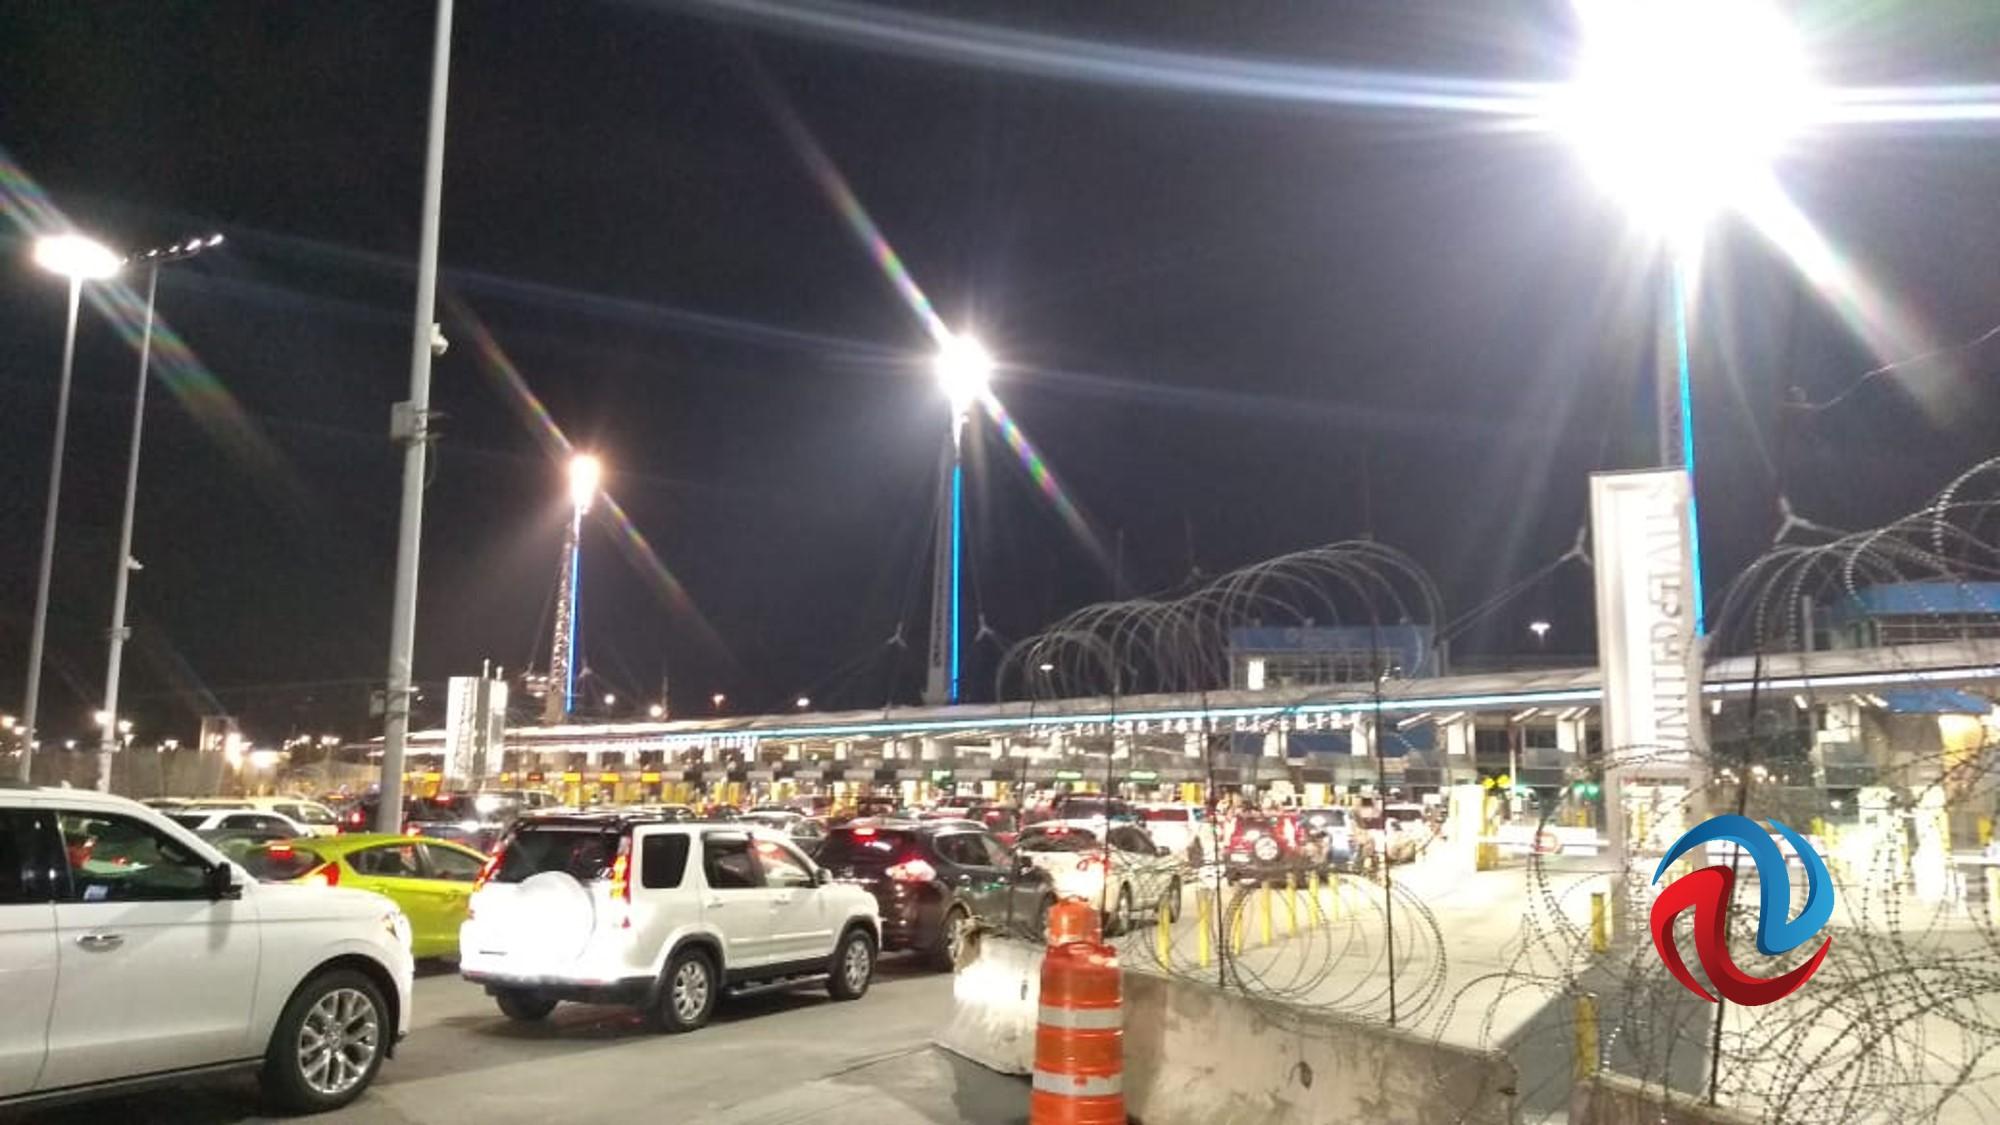 Viernes por la noche muerto en Tijuana